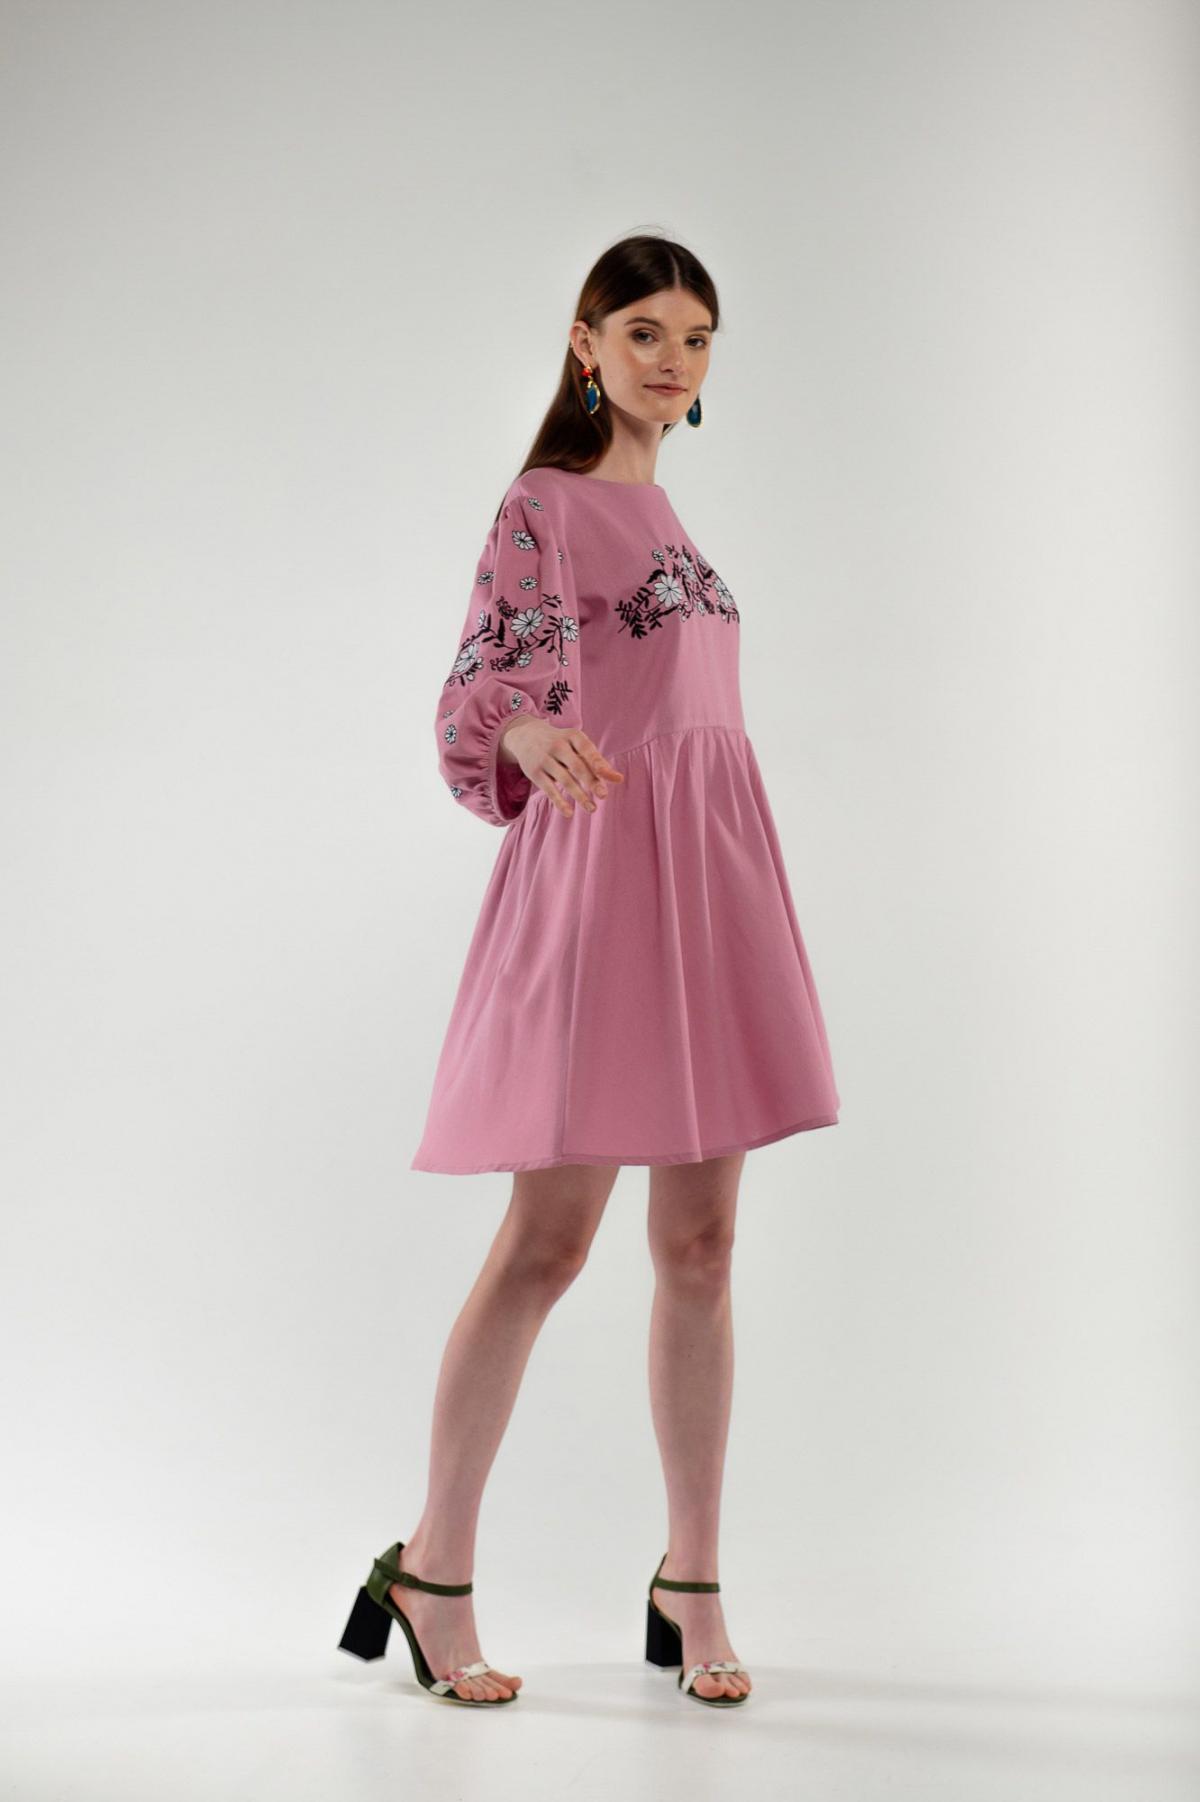 Платье вышиванка Кукушка пудра. Фото №2. | Народный дом Украина